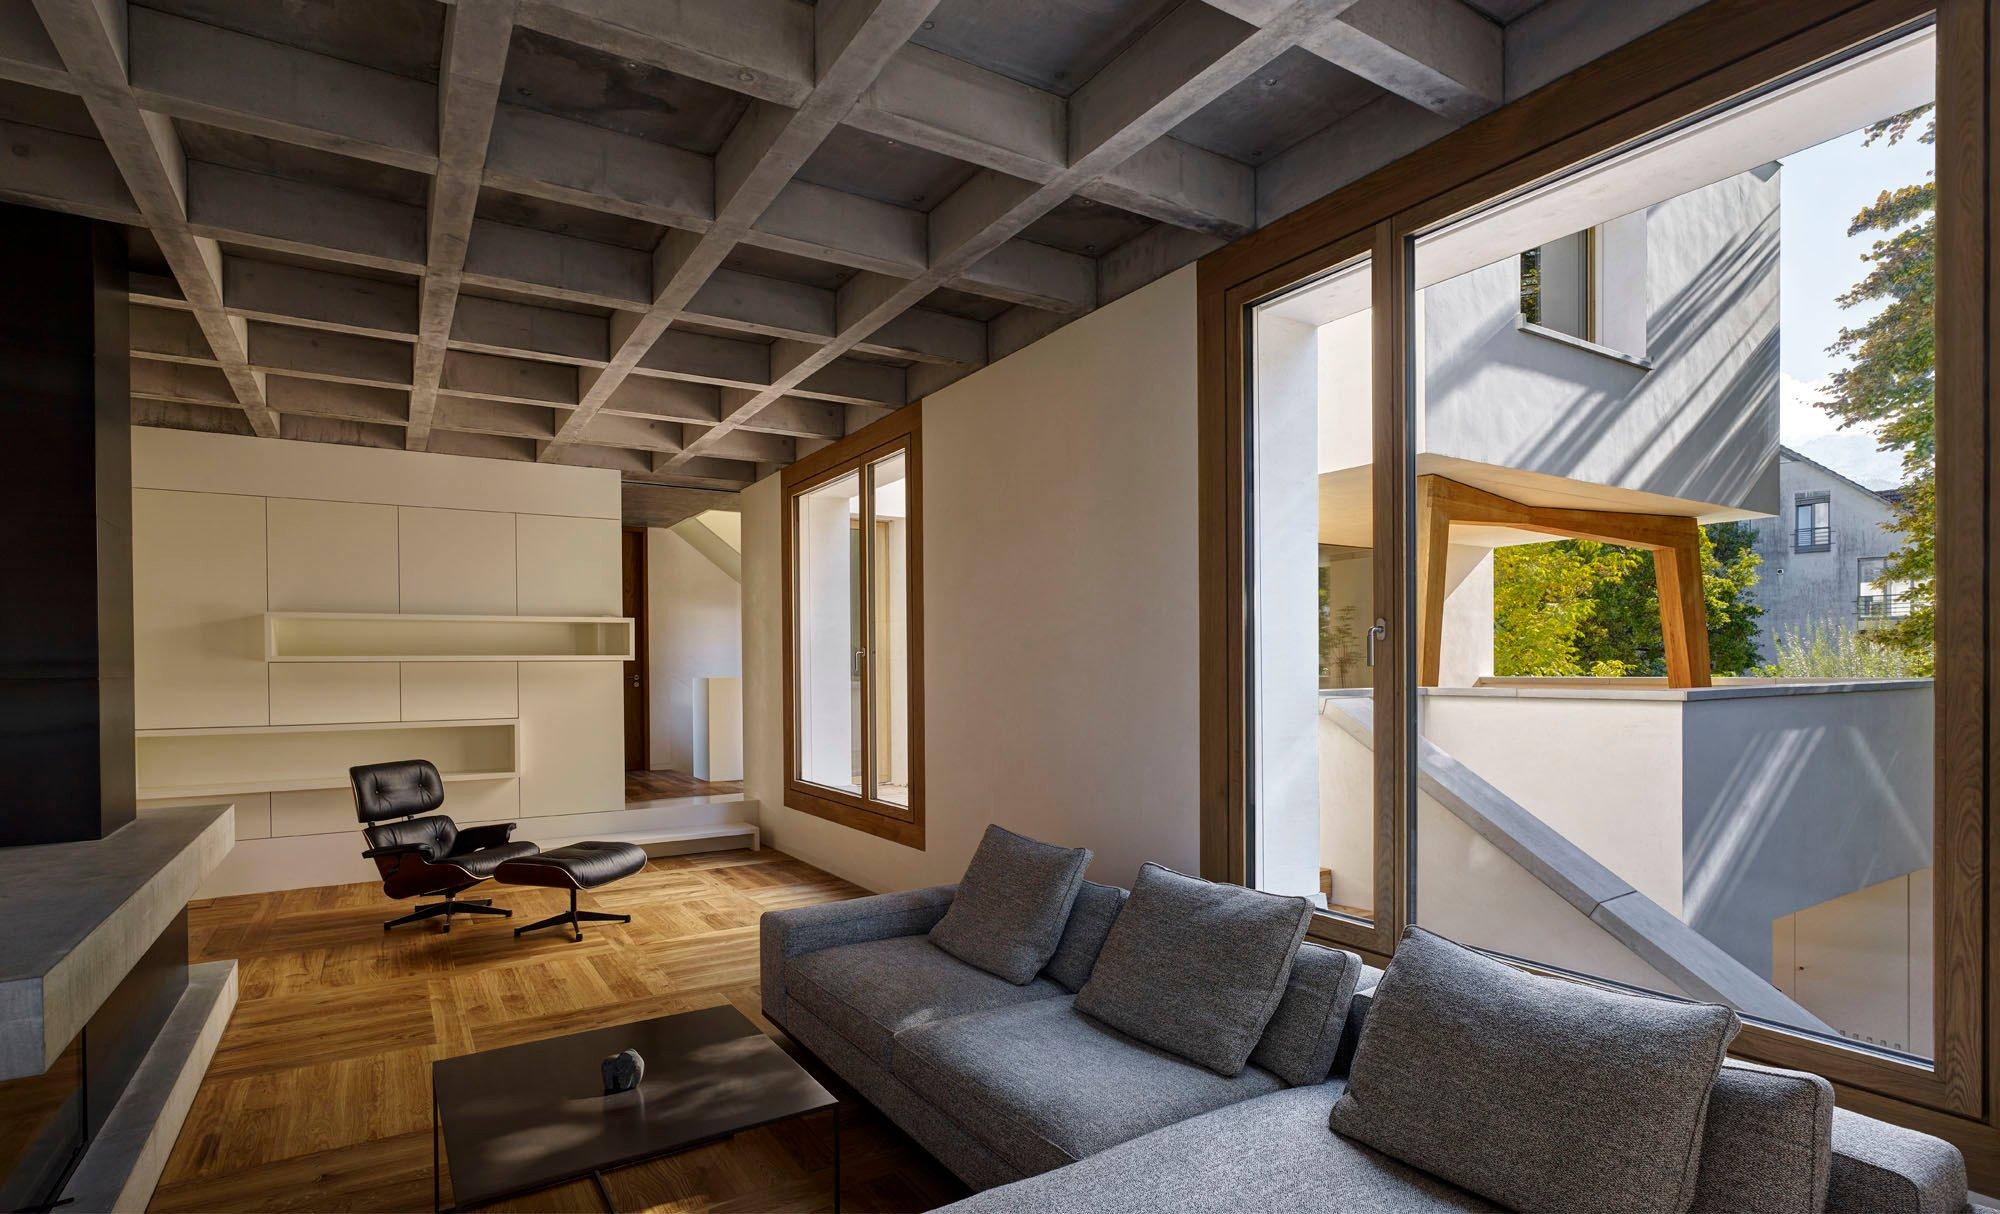 Im Wohnzimmer greift ein mit grauer Wolle bezogenes Ecksofa die Farbigkeit der Sichtbetondecken auf. Stauraum wird in maßgefertigten Schränken geschaffen.